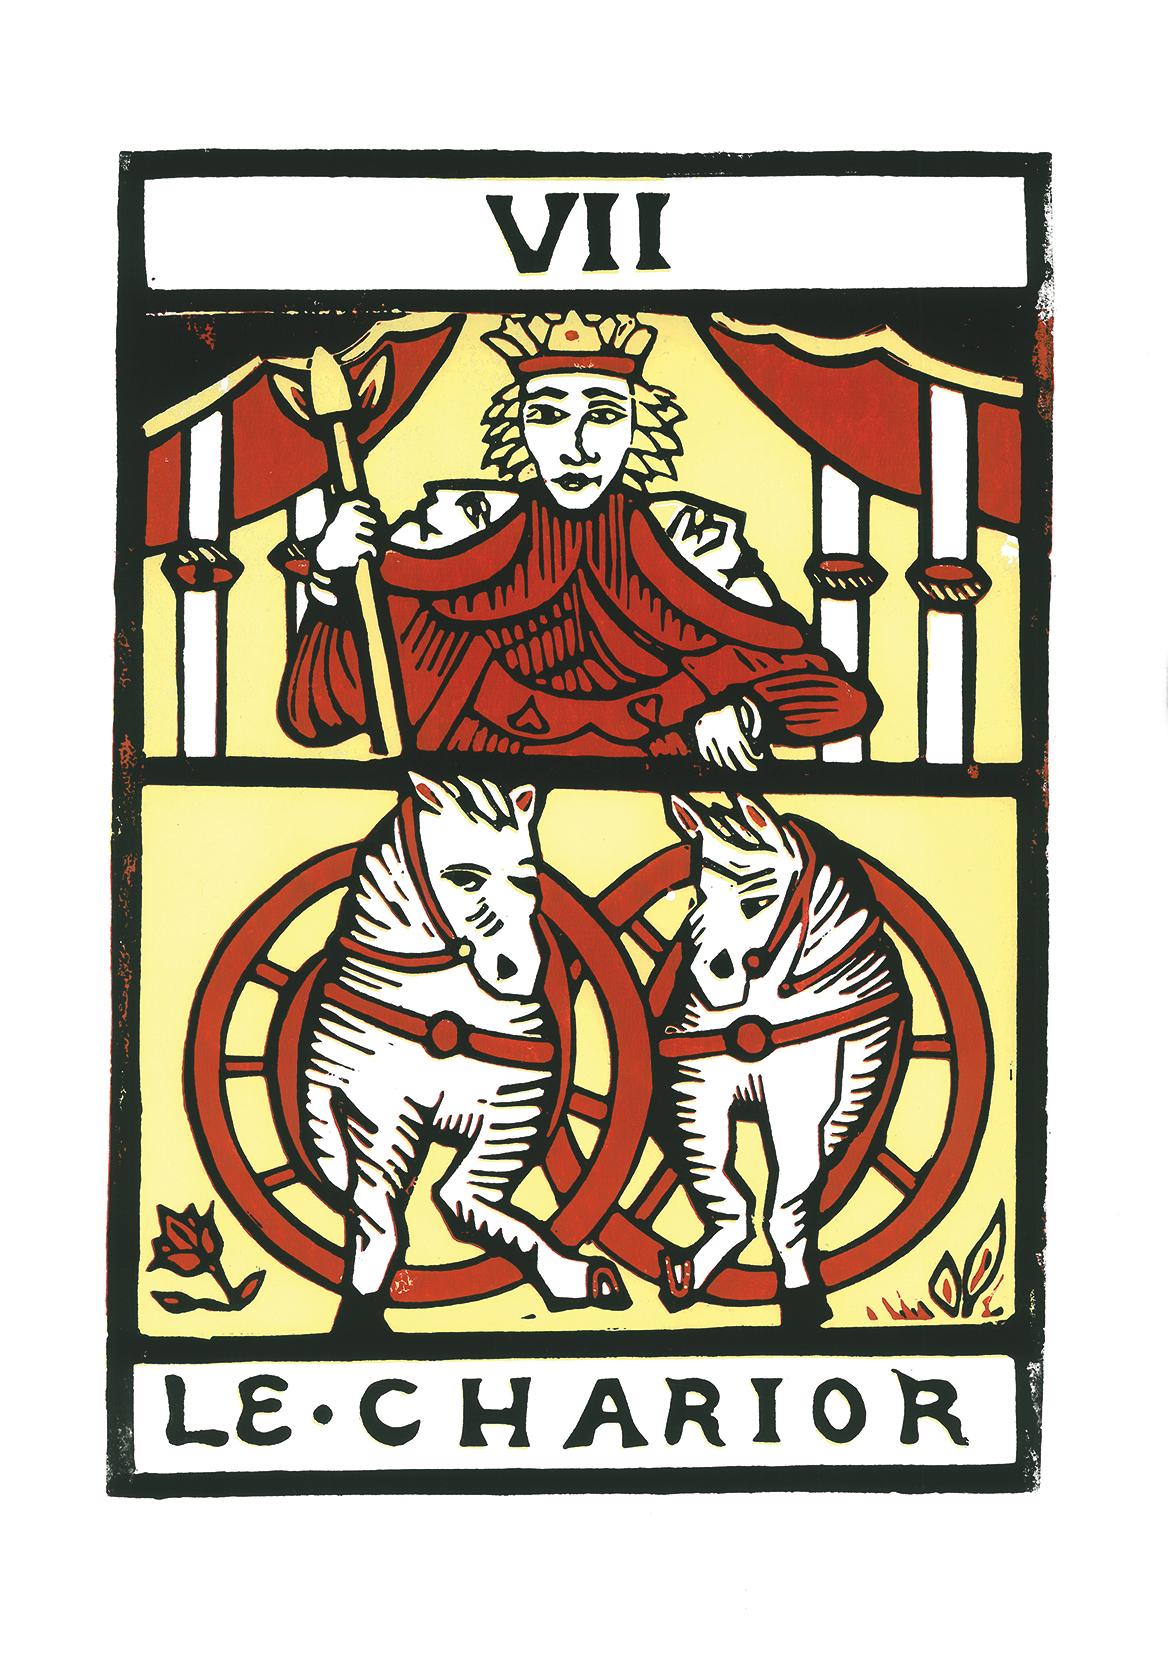 Le Charior